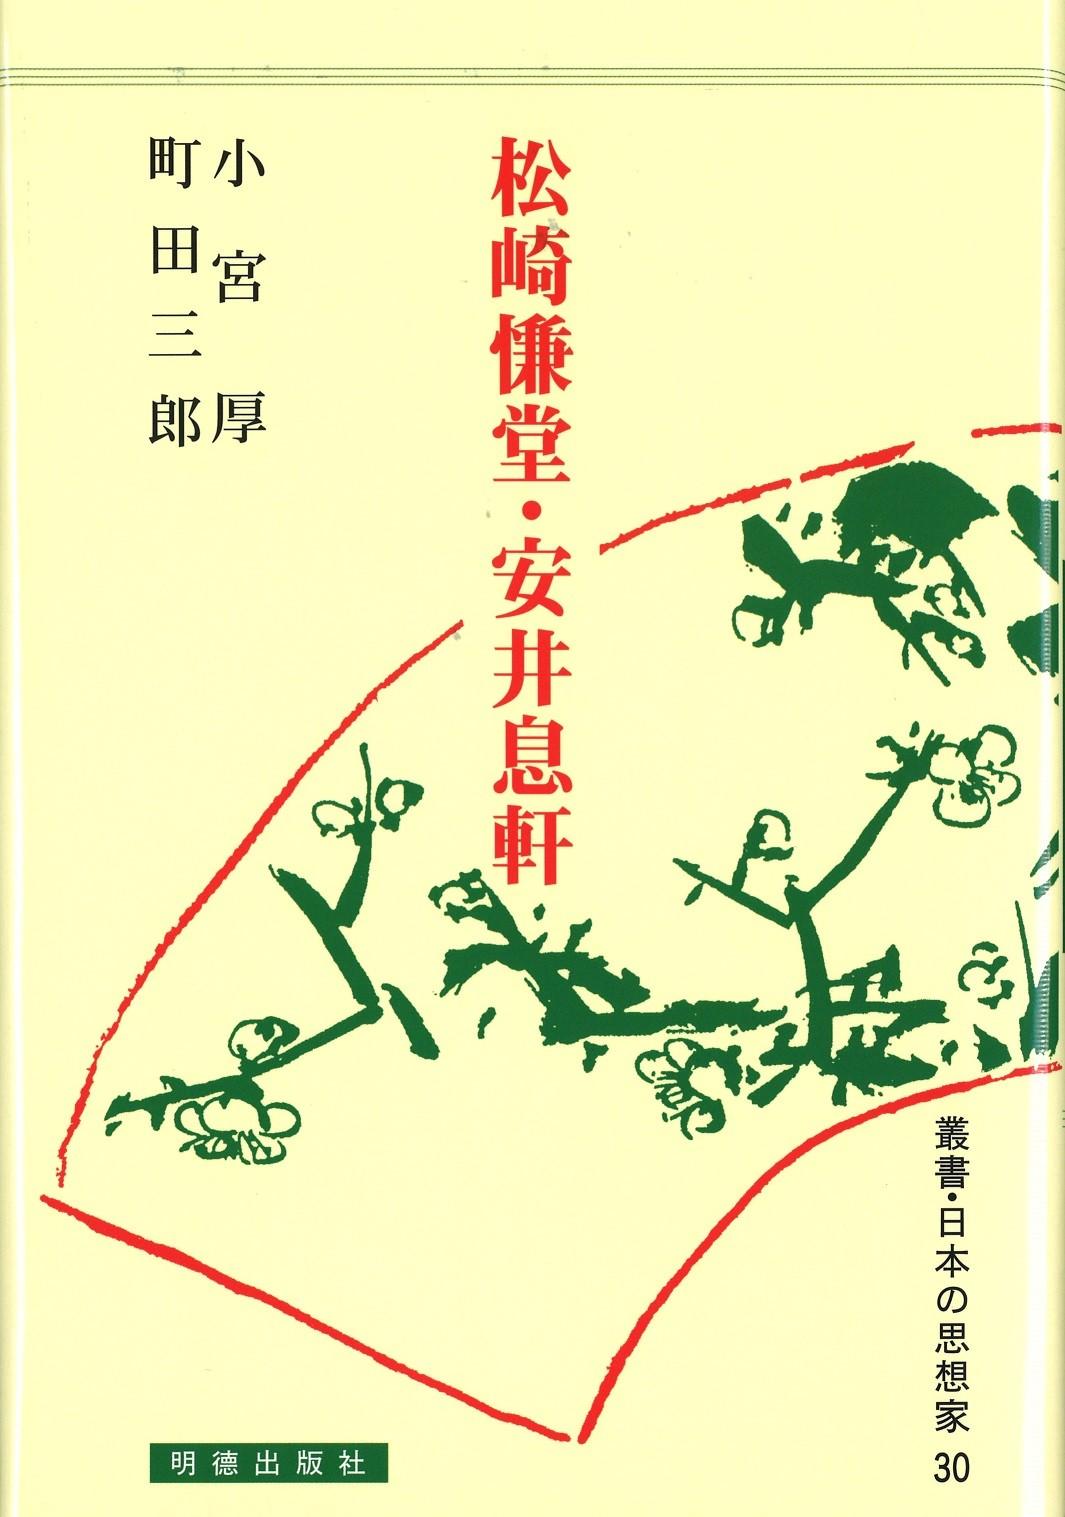 日本の思想家 30 松崎慊堂 ・ 安井息軒 793